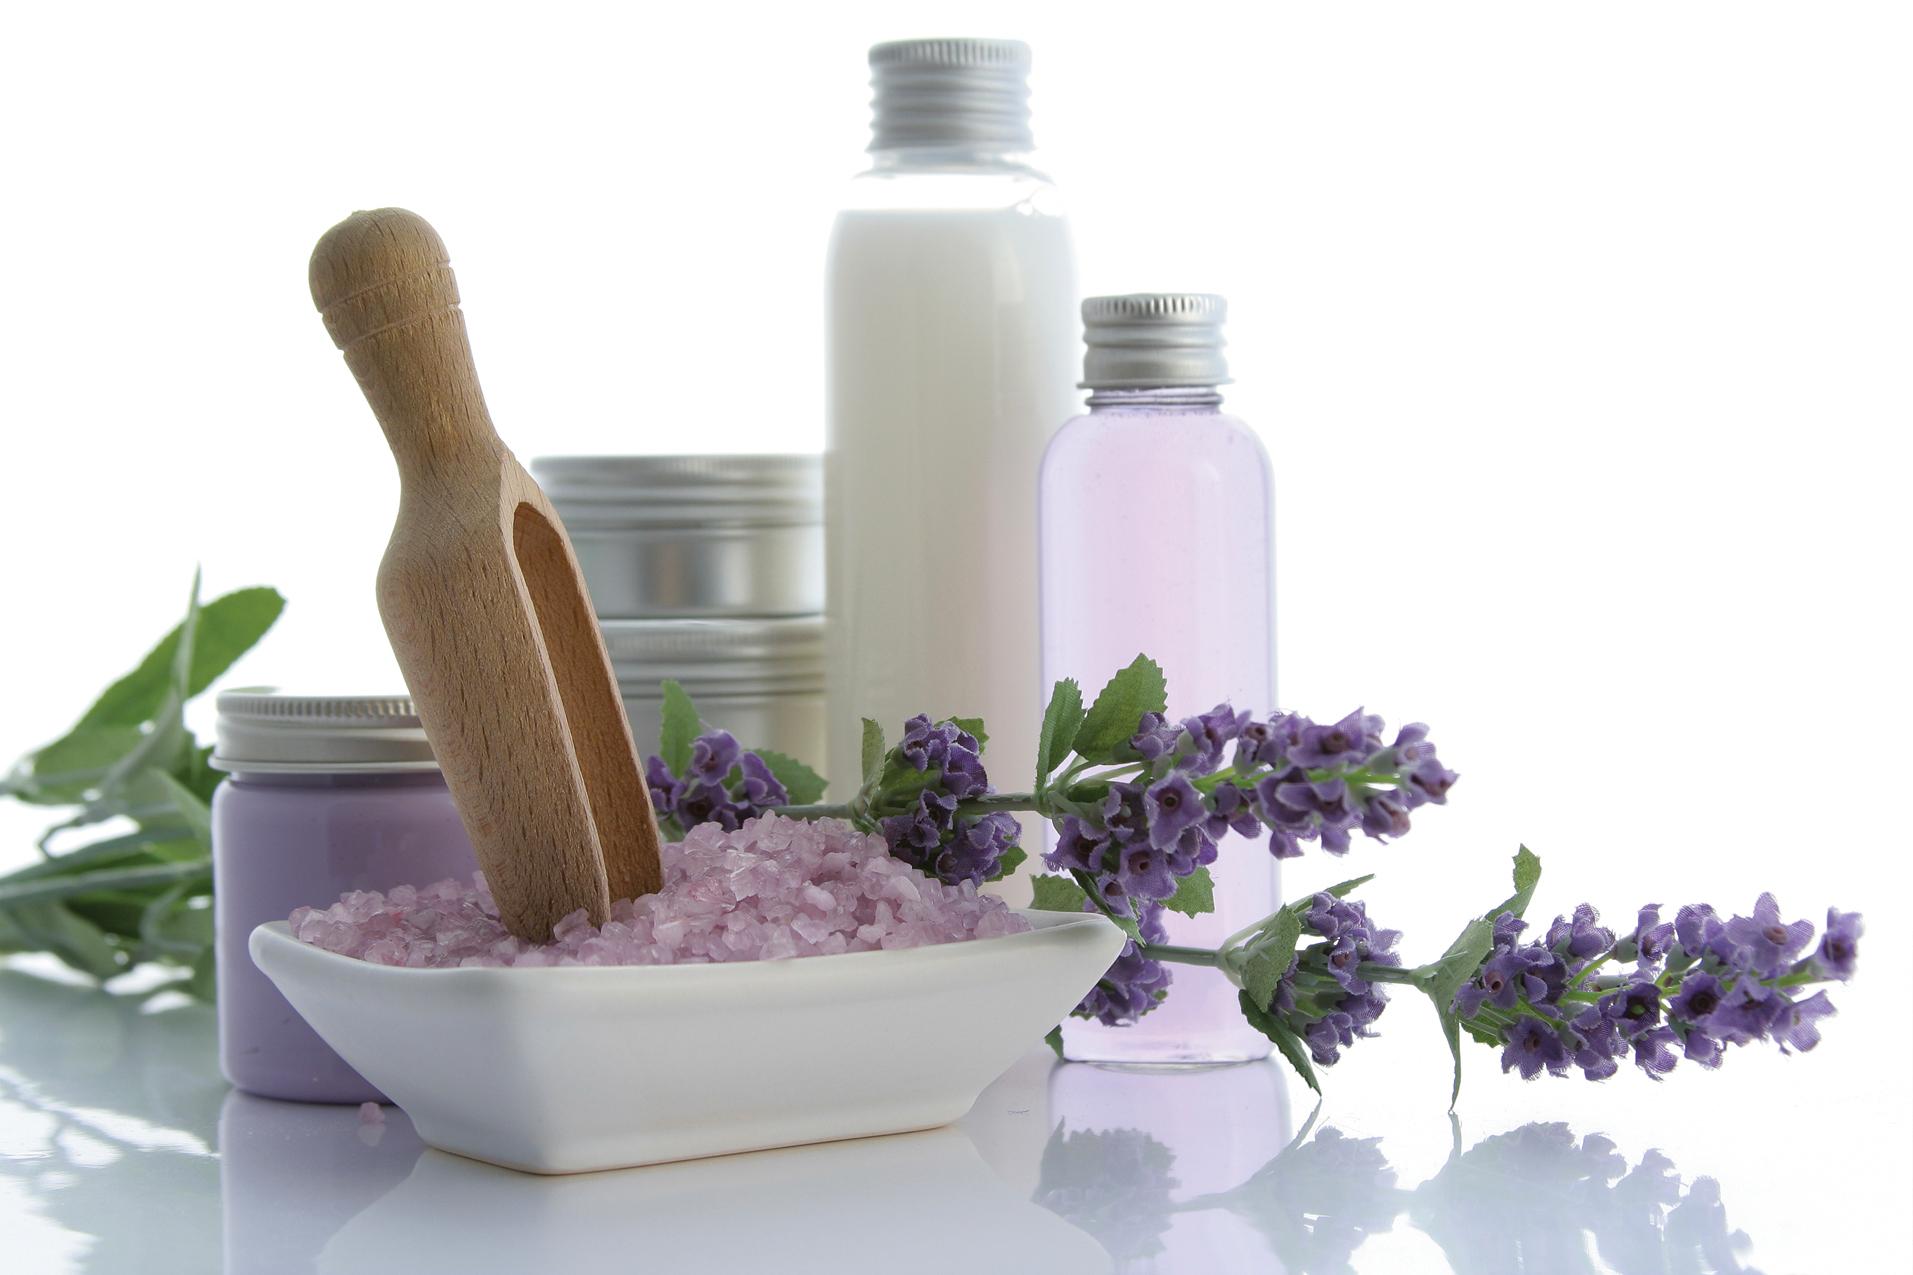 Körper und Gesichtspflege mit Lavendelduft